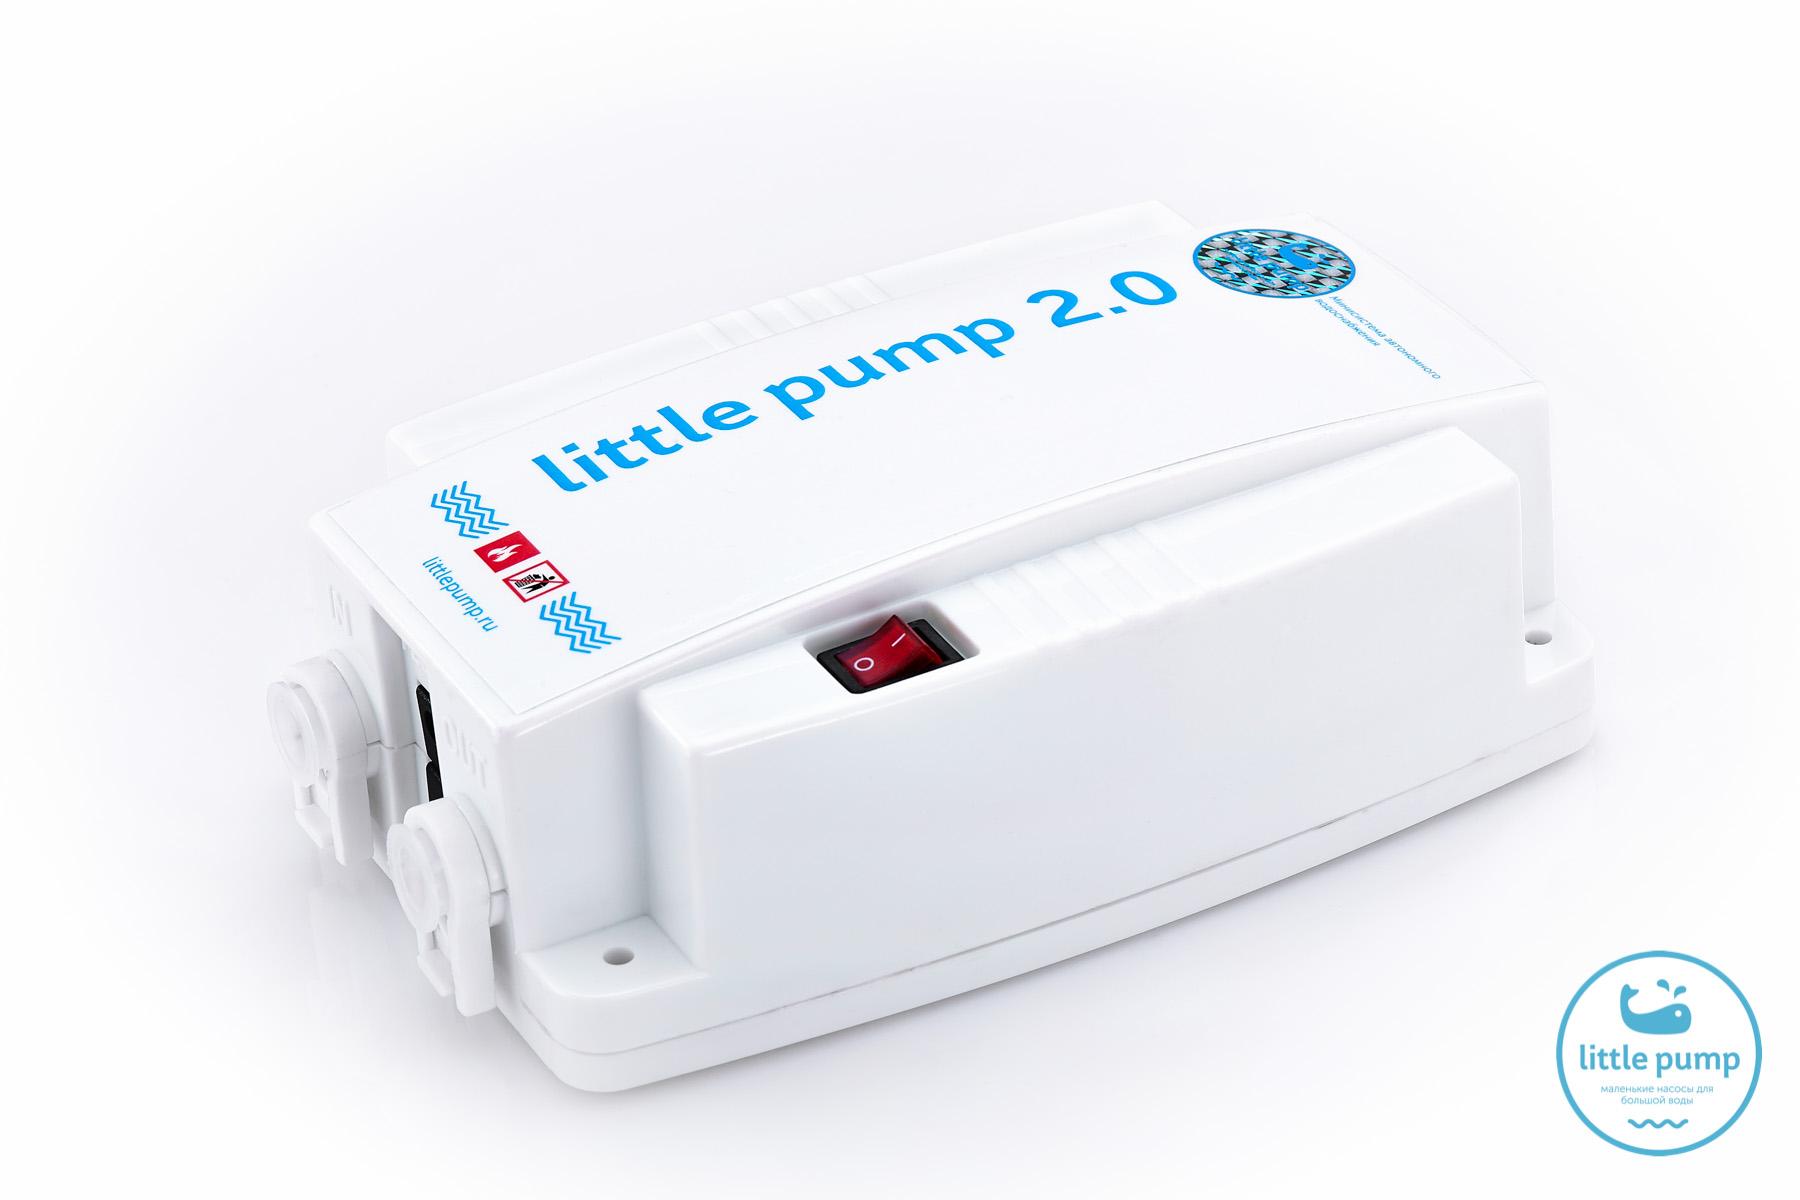 Минисистема автономного водоснабжения LittlePump 2.0 с краном